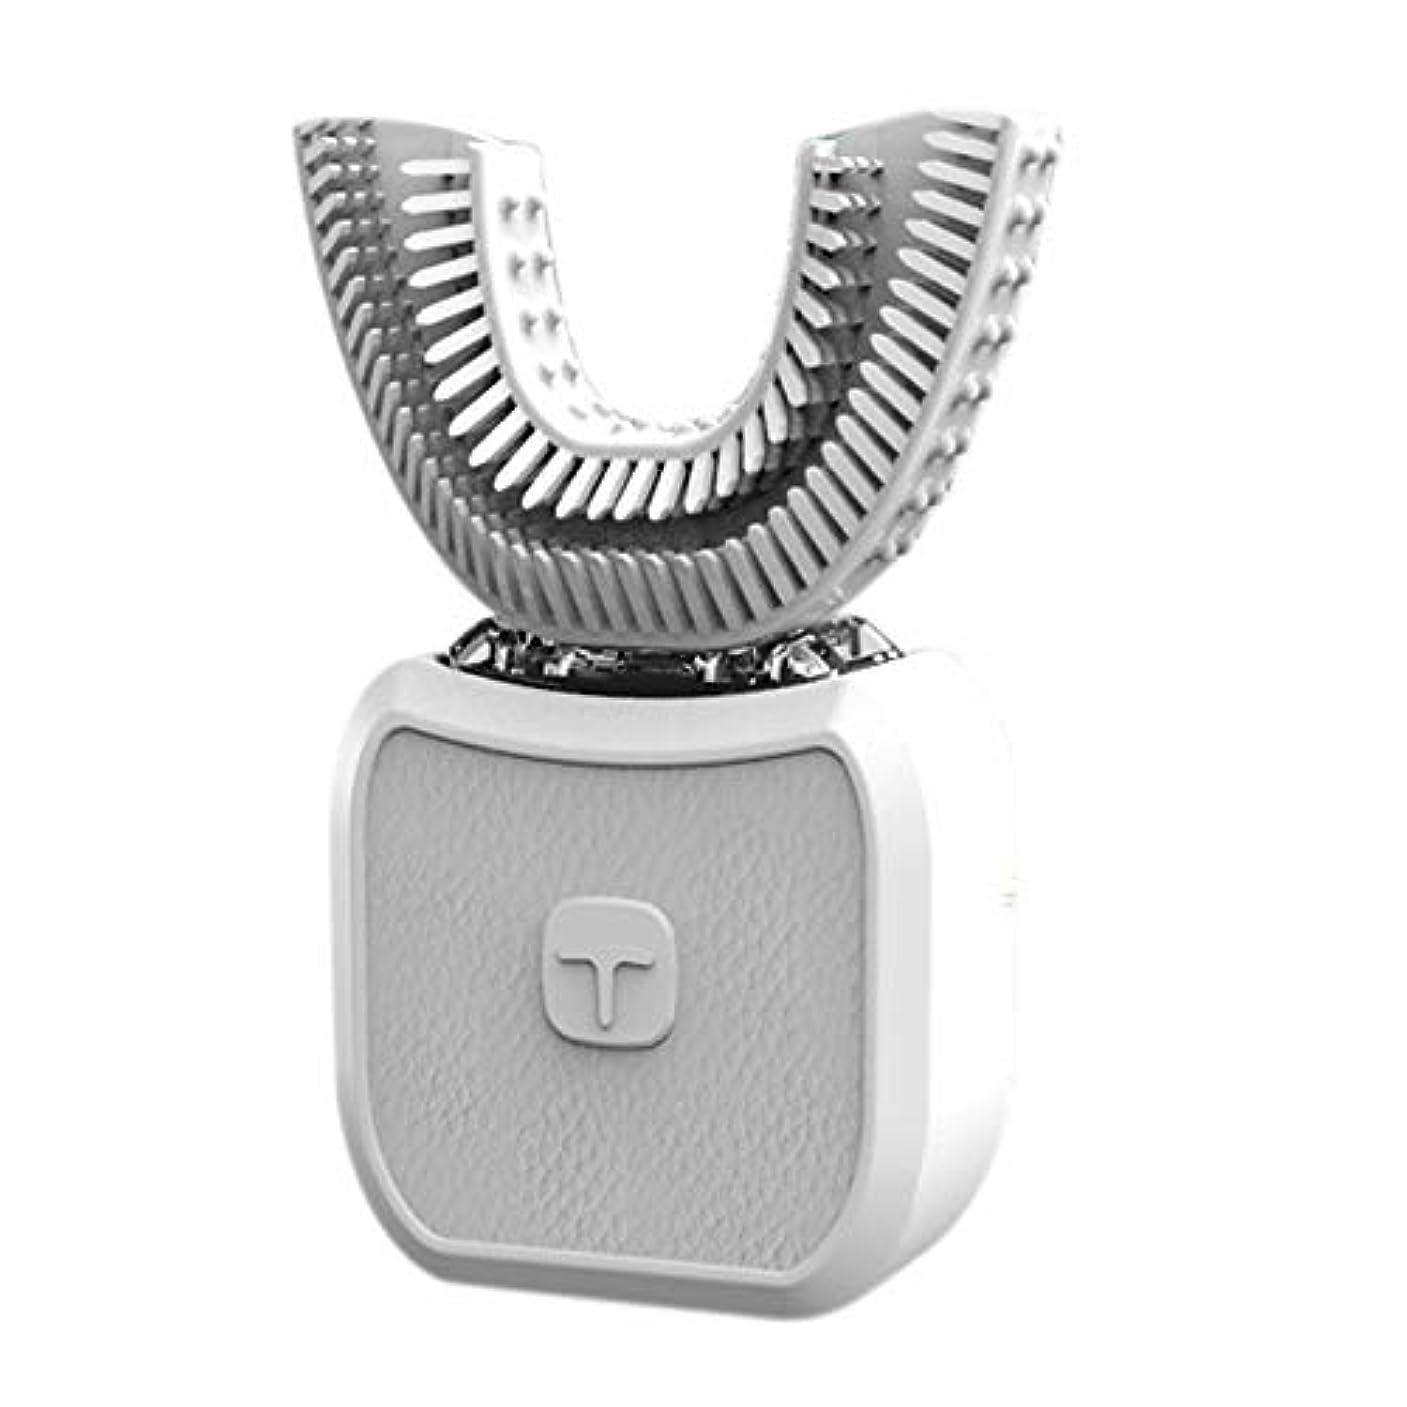 縞模様の怖がらせるアミューズフルオートマチック可変周波数電動歯ブラシ、自動360度U字型電動歯ブラシ、ワイヤレス充電IPX7防水自動歯ブラシ(大人用),White